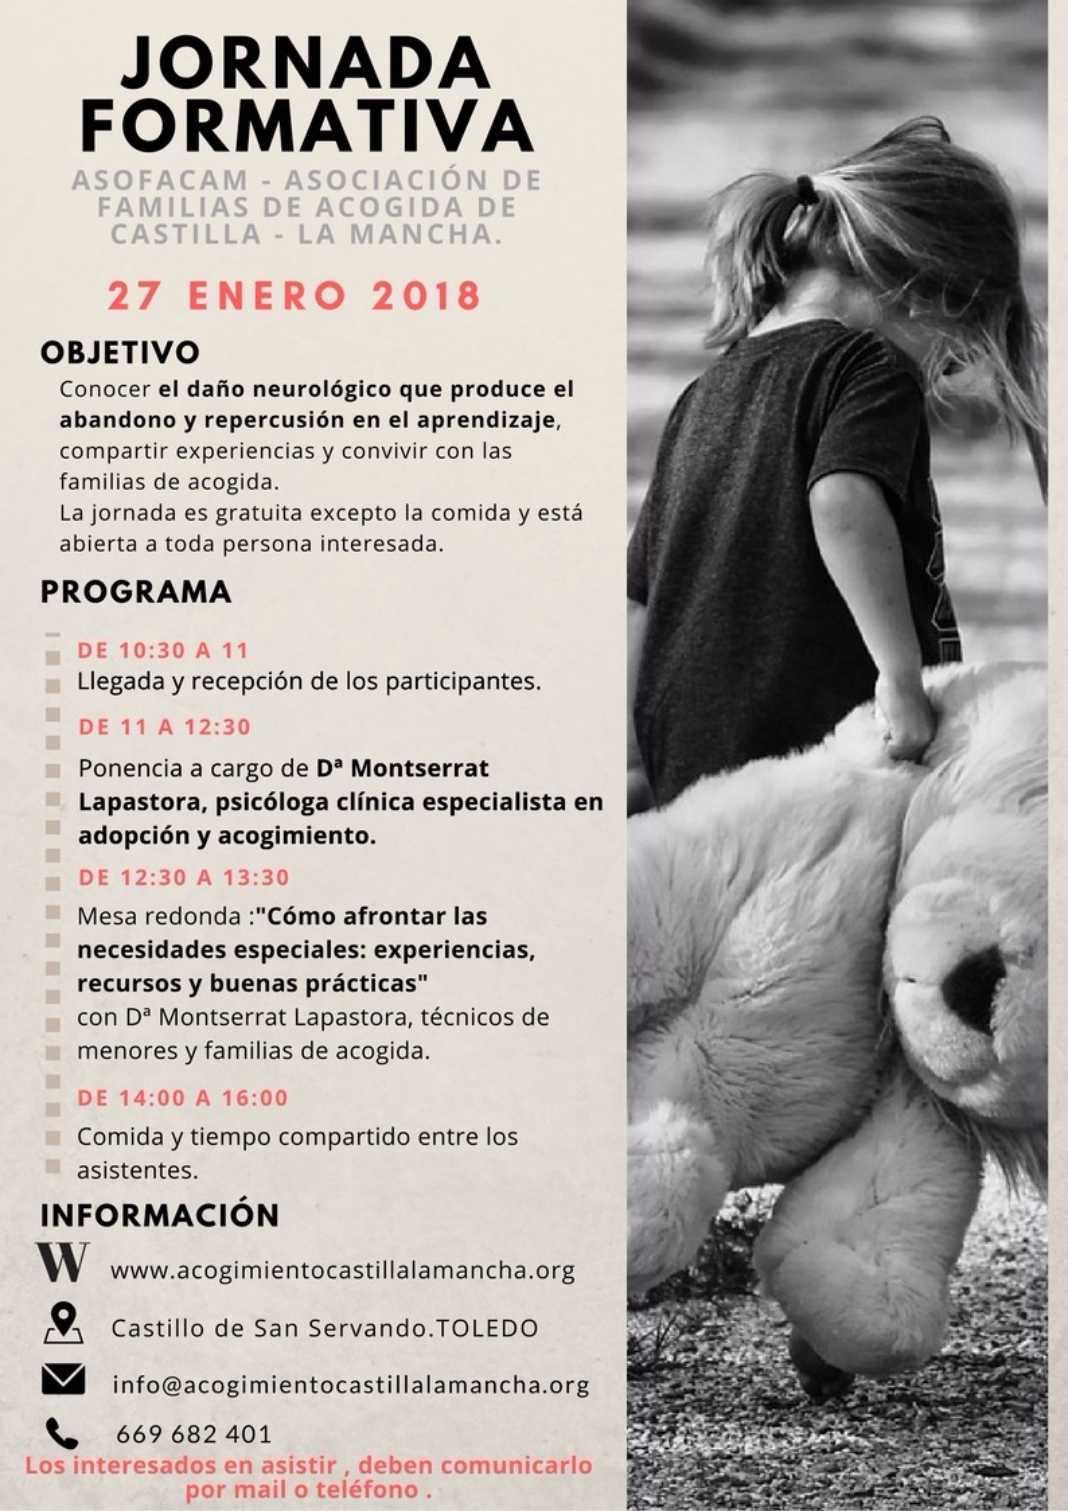 Jornada formativa para familias de acogida en Castilla-La Mancha 4